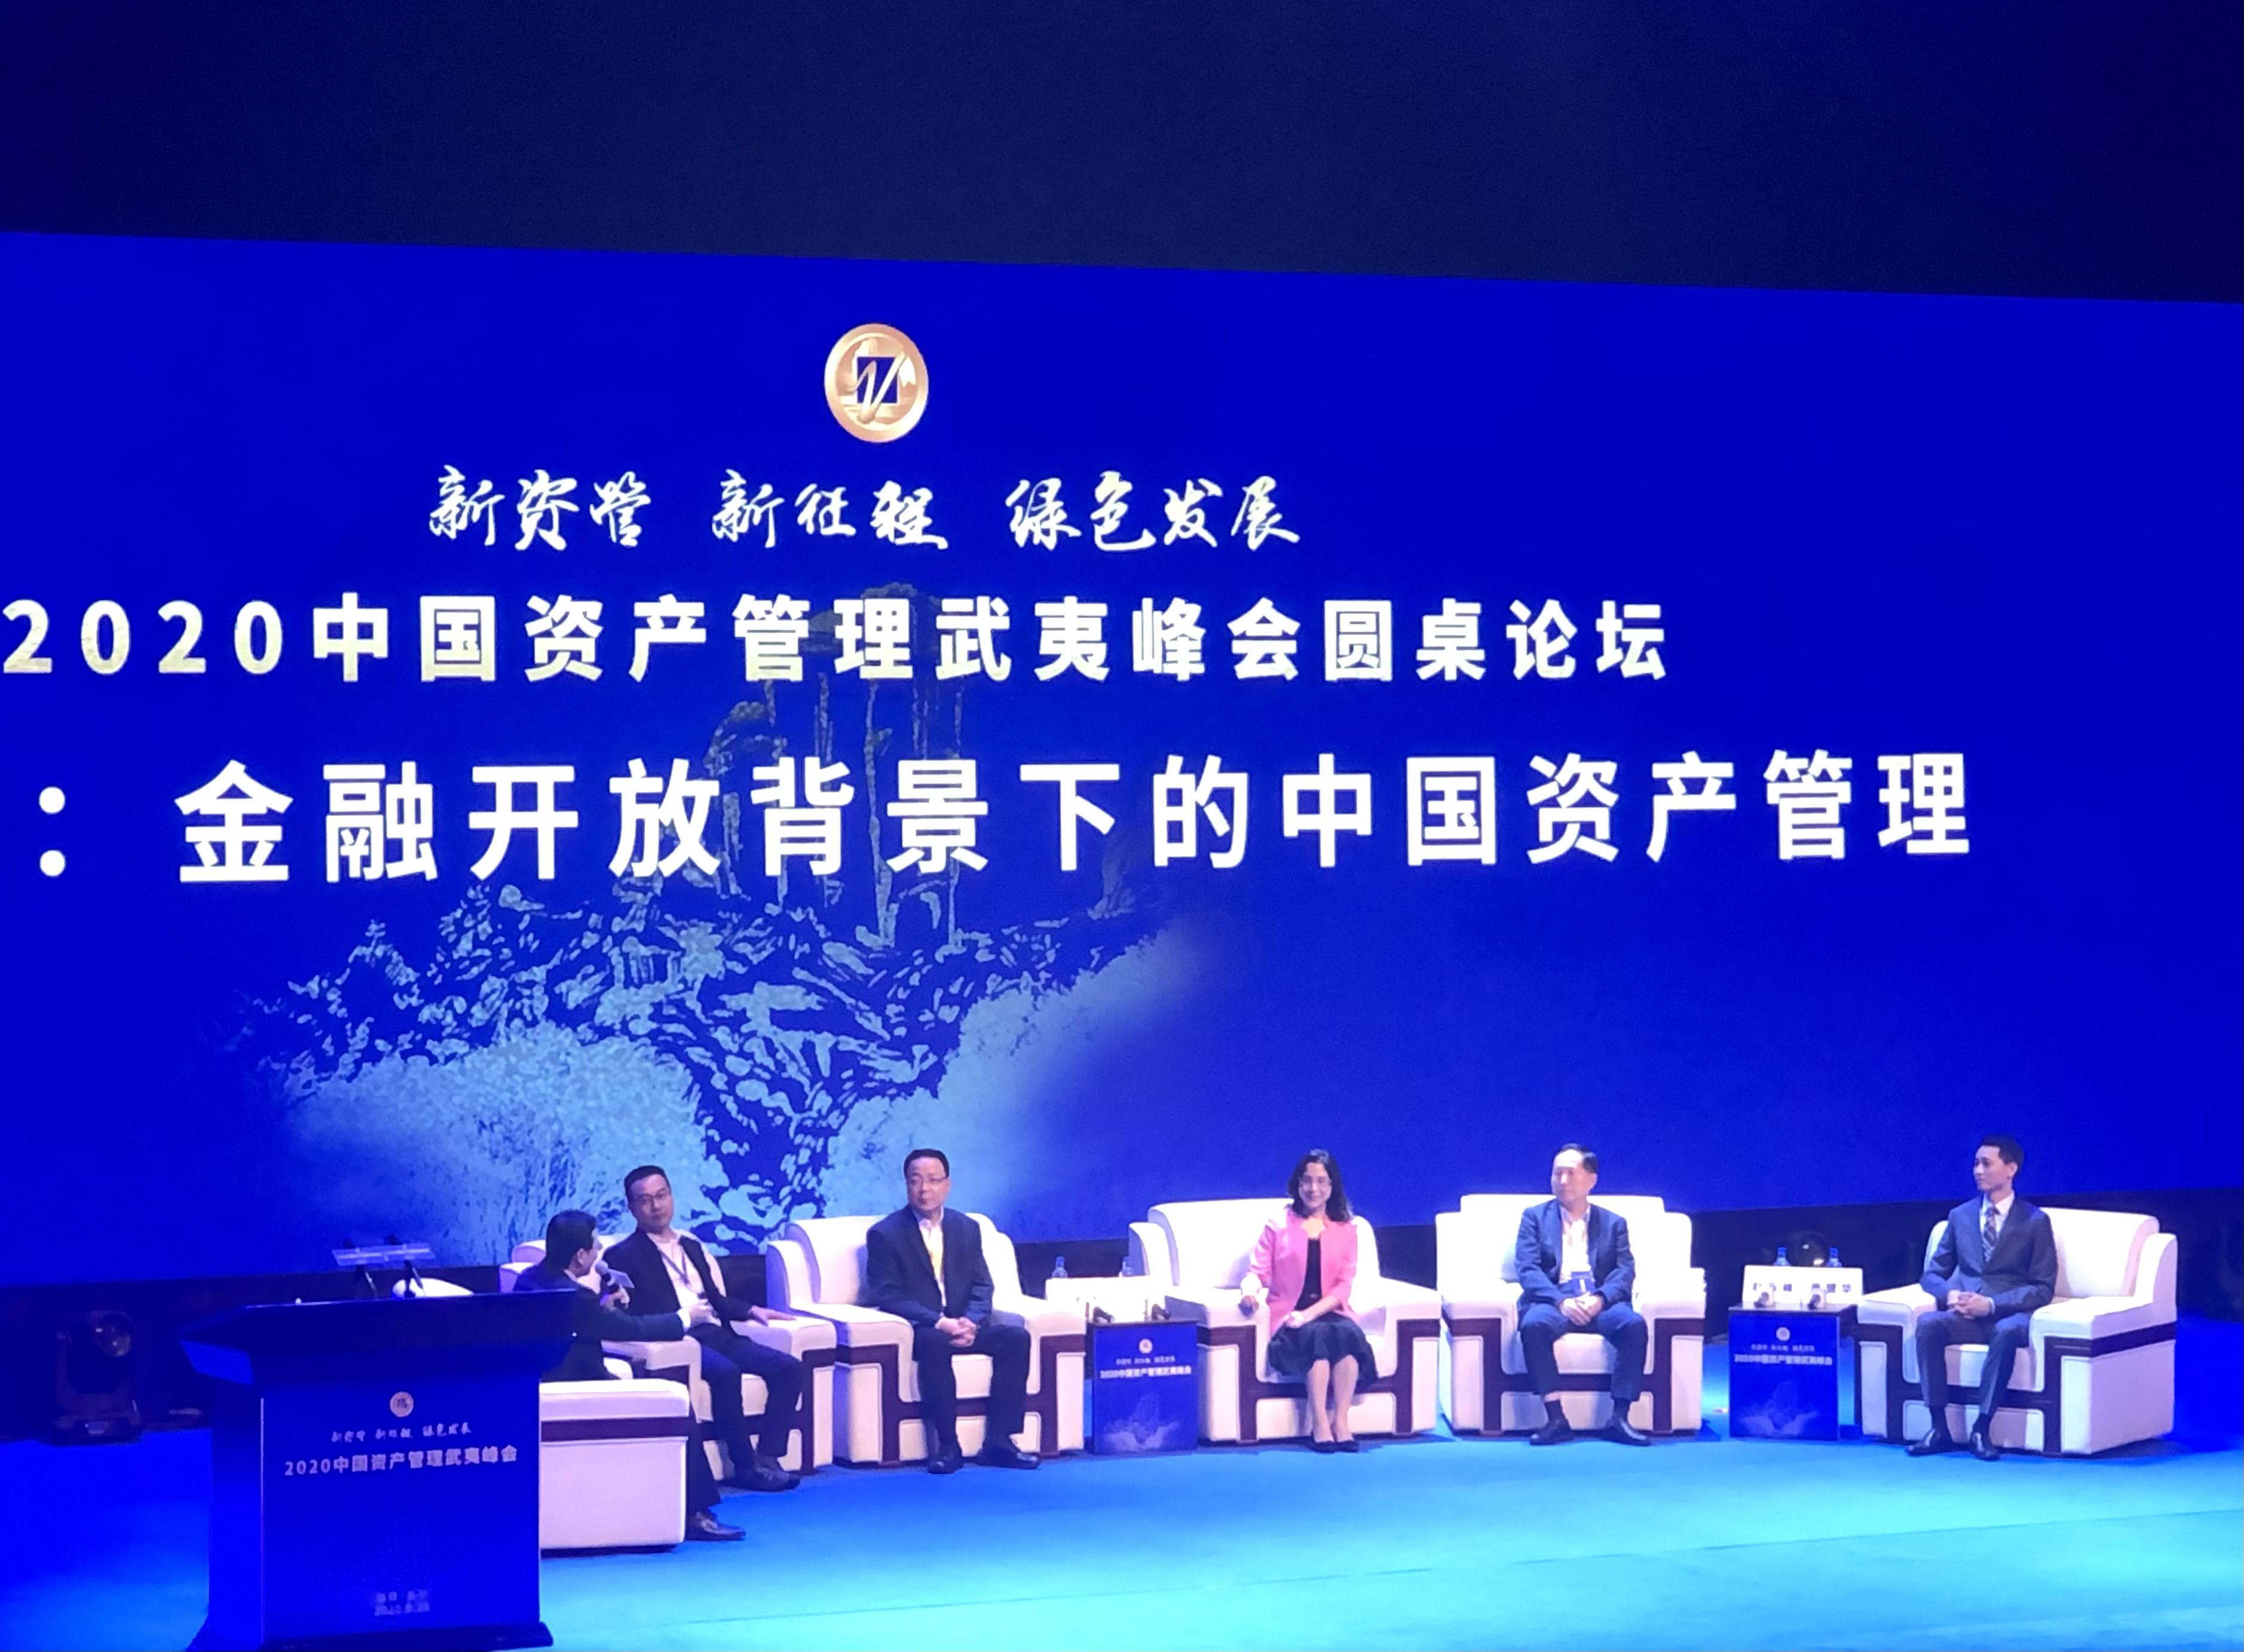 2020中国资产管理武夷峰会圆桌论坛现场